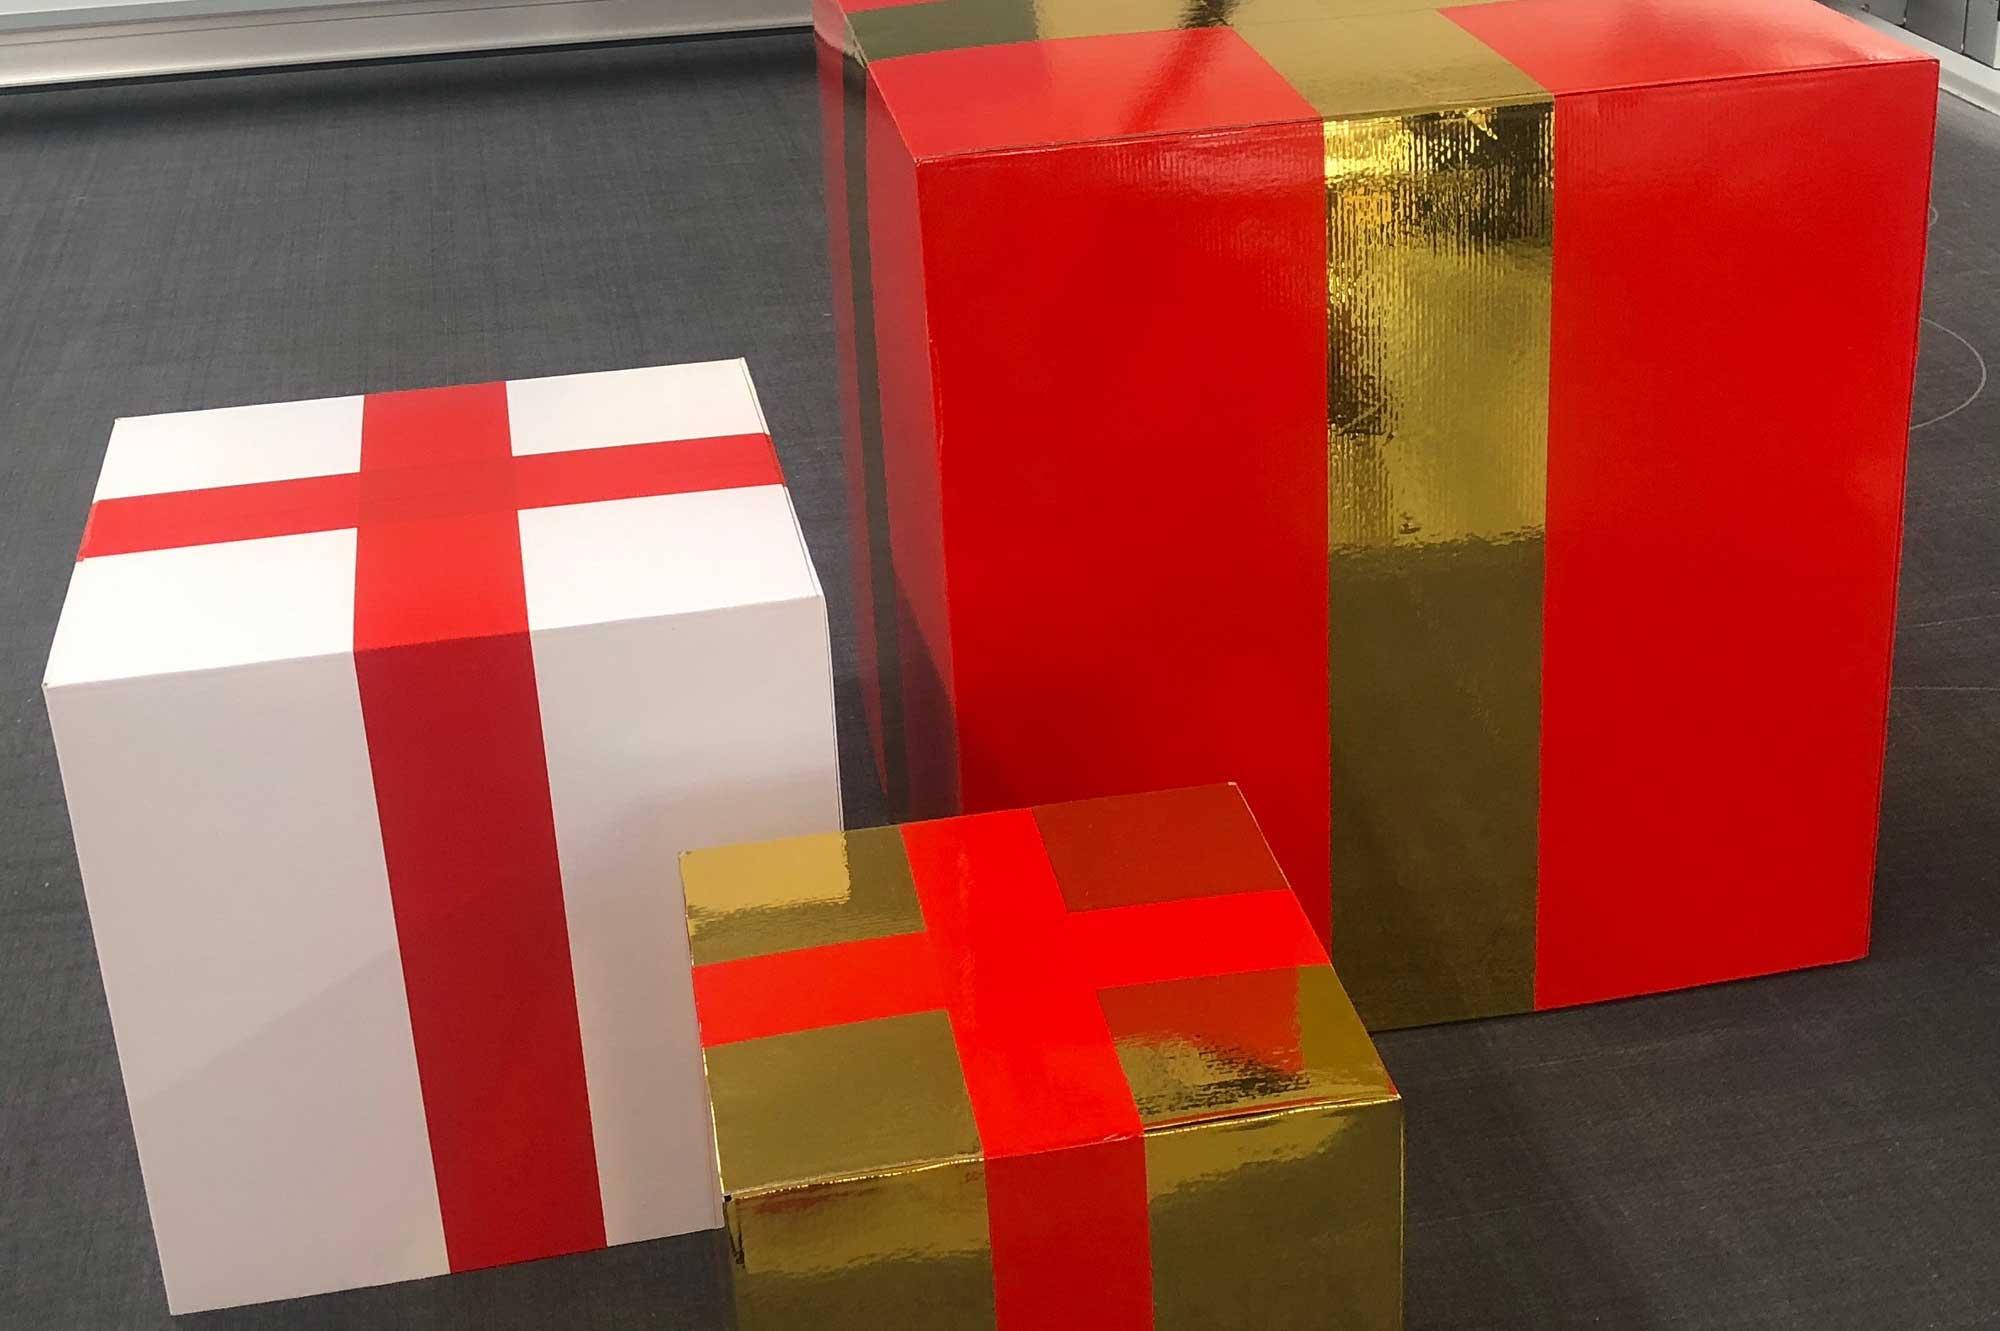 Geschenkpakete als Dekoration © Atelier Haase - Foto: Hans-Heinrich Haase